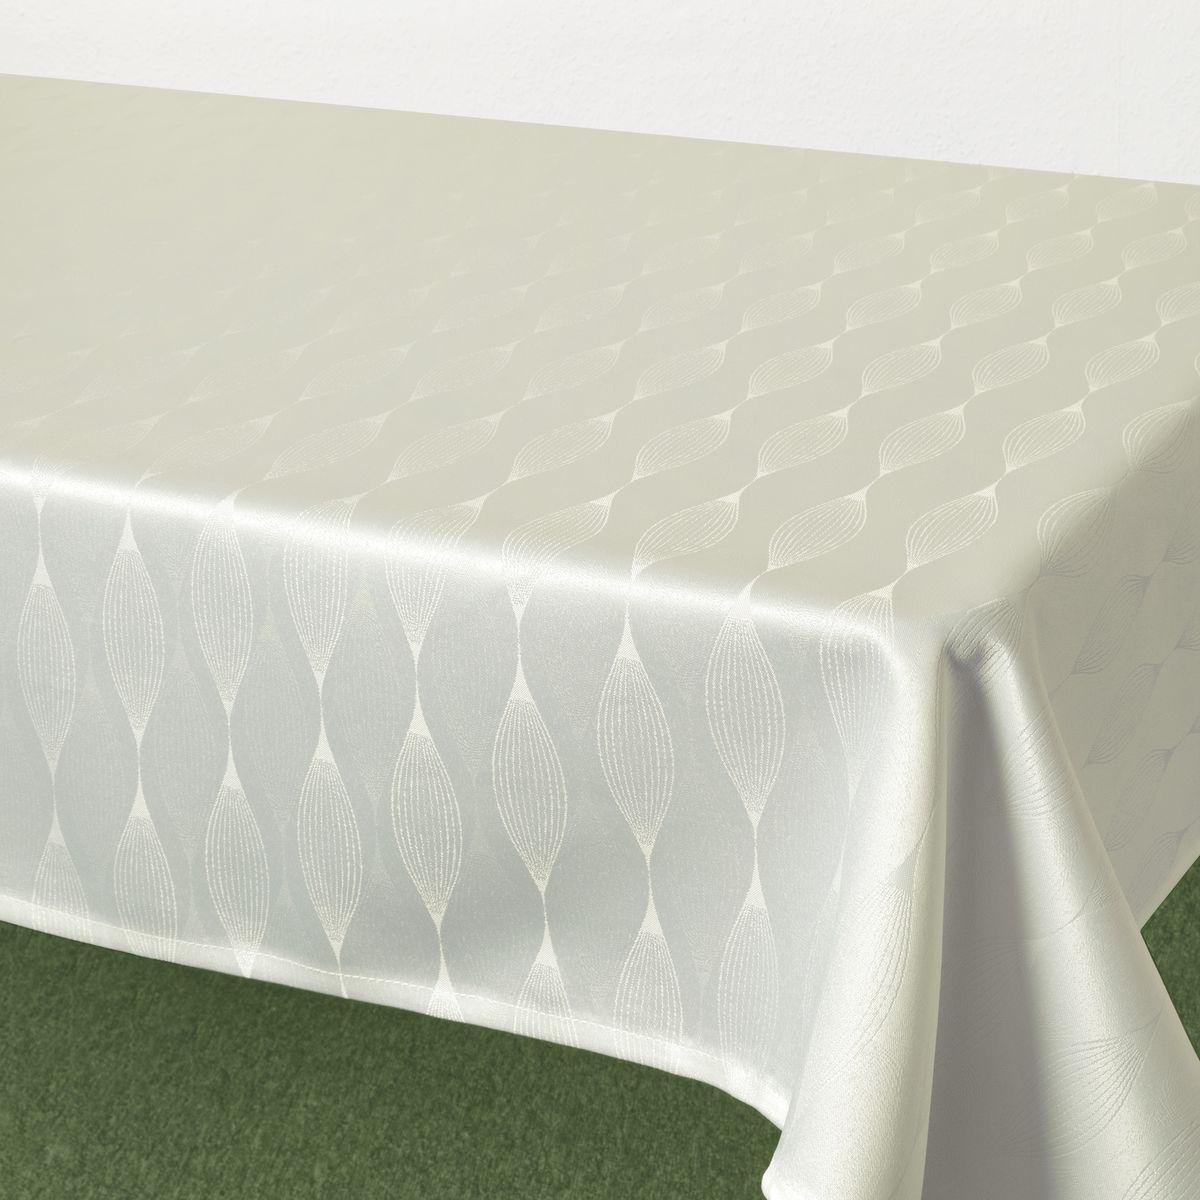 Скатерть Schaefer, прямоугольная, цвет: белый, 160 х 220 см. 07732-40807732-408Стильная скатерть Schaefer выполнена из полиэстера.Изделия из полиэстера легко стирать: они не мнутся, не садятся и быстро сохнут, они более долговечны, чем изделия из натуральных волокон.Немецкая компания Schaefer создана в 1921 году. На протяжении всего времени существования она создает уникальные коллекции домашнего текстиля для гостиных, спален, кухонь и ванных комнат. Дизайнерские идеи немецких художников компании Schaefer воплощаются в текстильных изделиях, которые сделают ваш дом красивее и уютнее и не останутся незамеченными вашими гостями. Дарите себе и близким красоту каждый день!